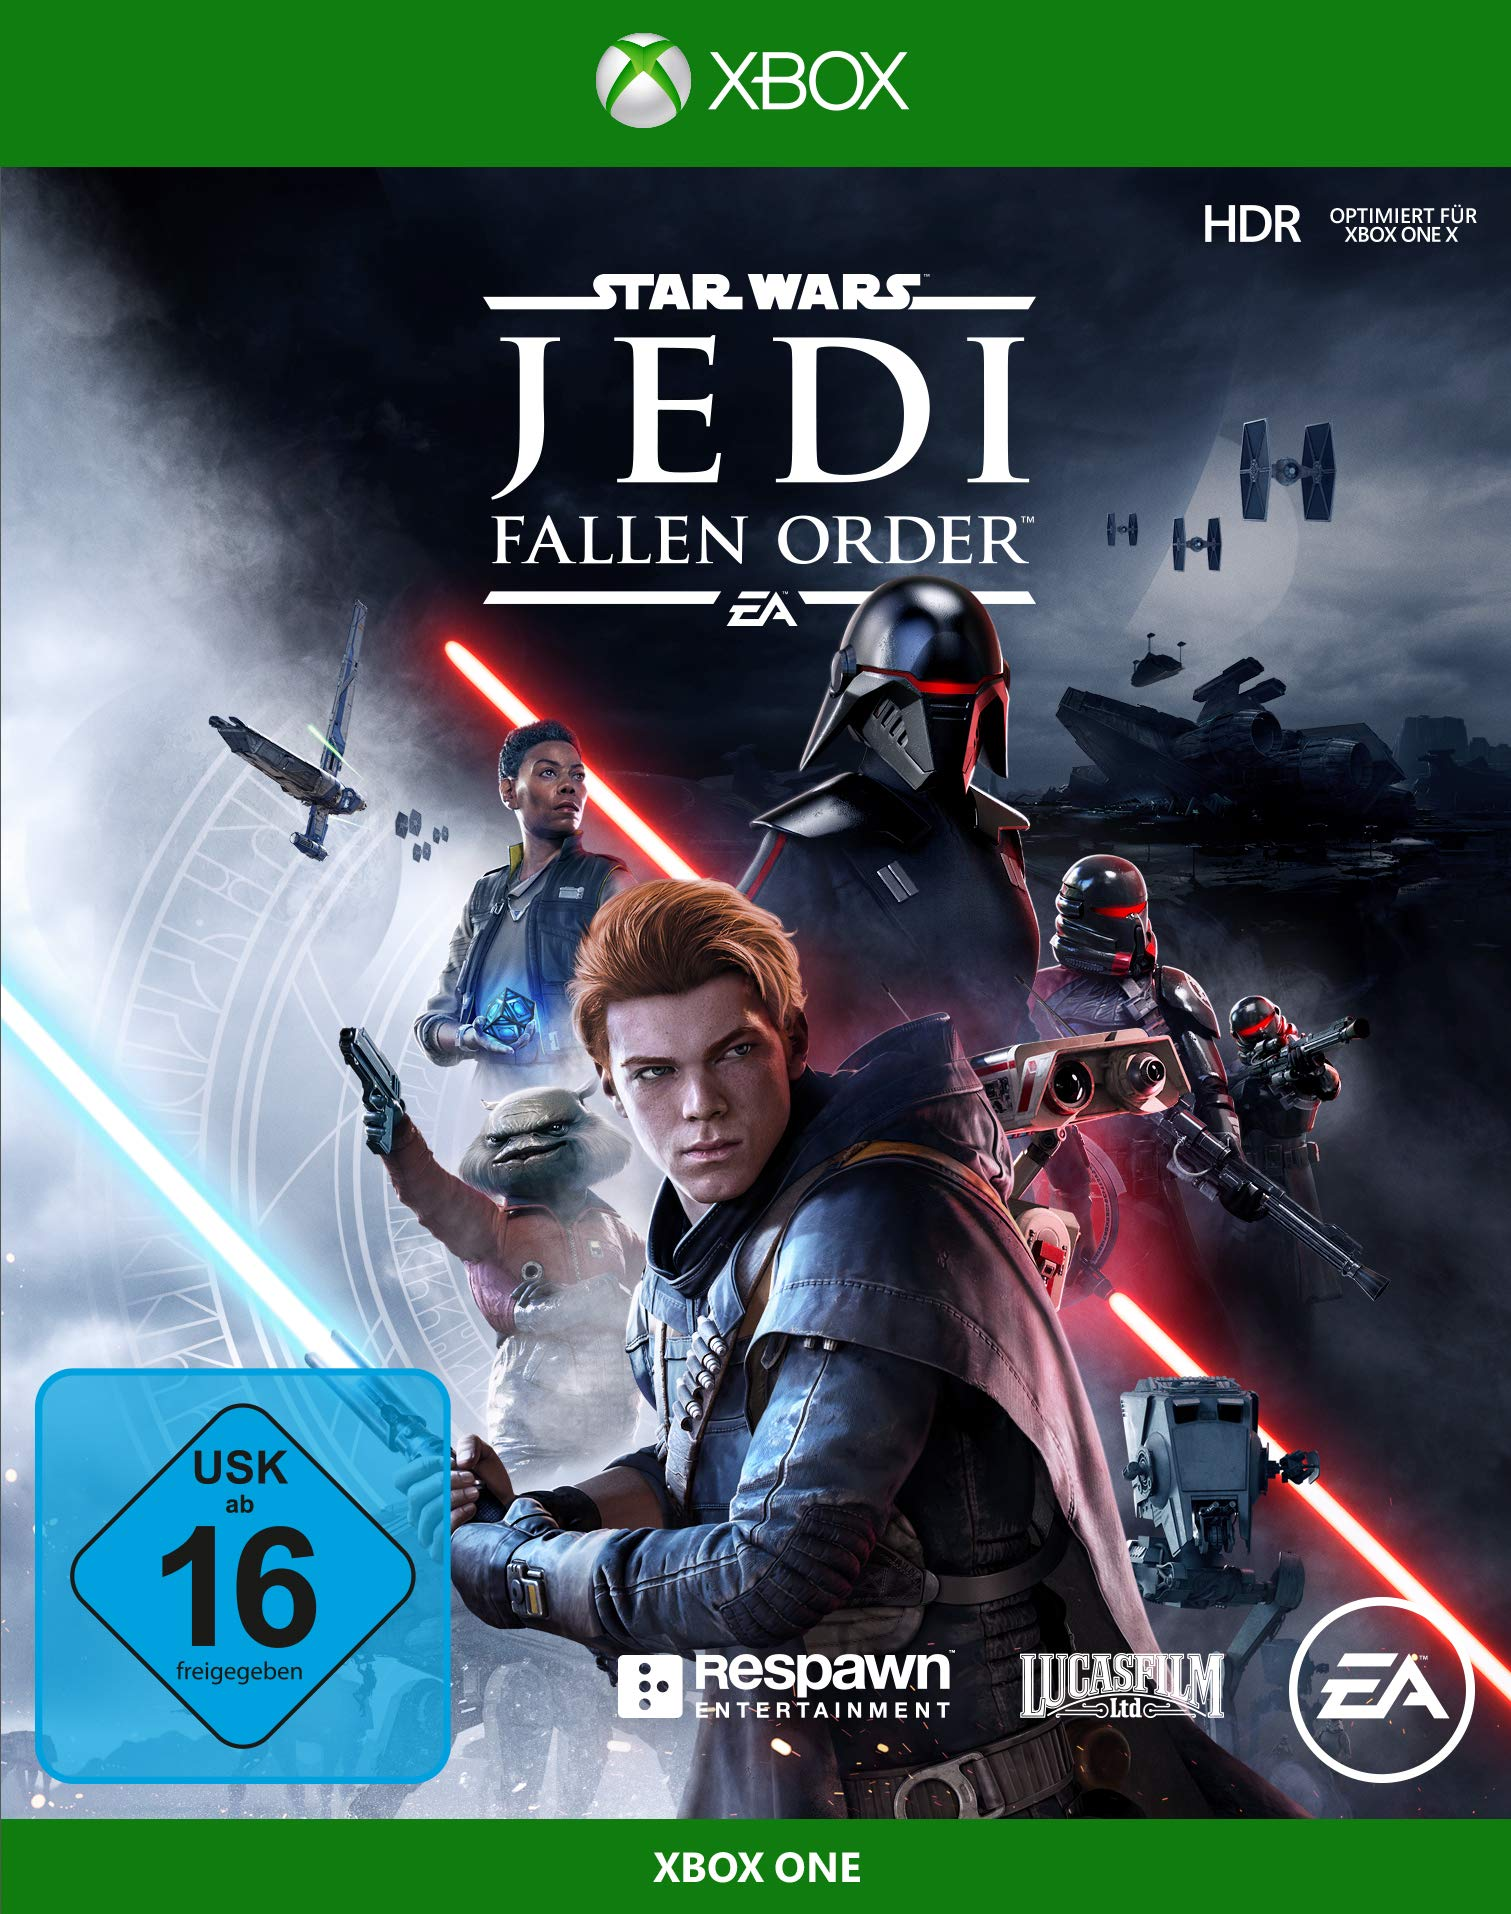 Star Wars Jedi: Fallen Order - Standard Edition - Xbox One [Importación alemana]: Amazon.es: Videojuegos